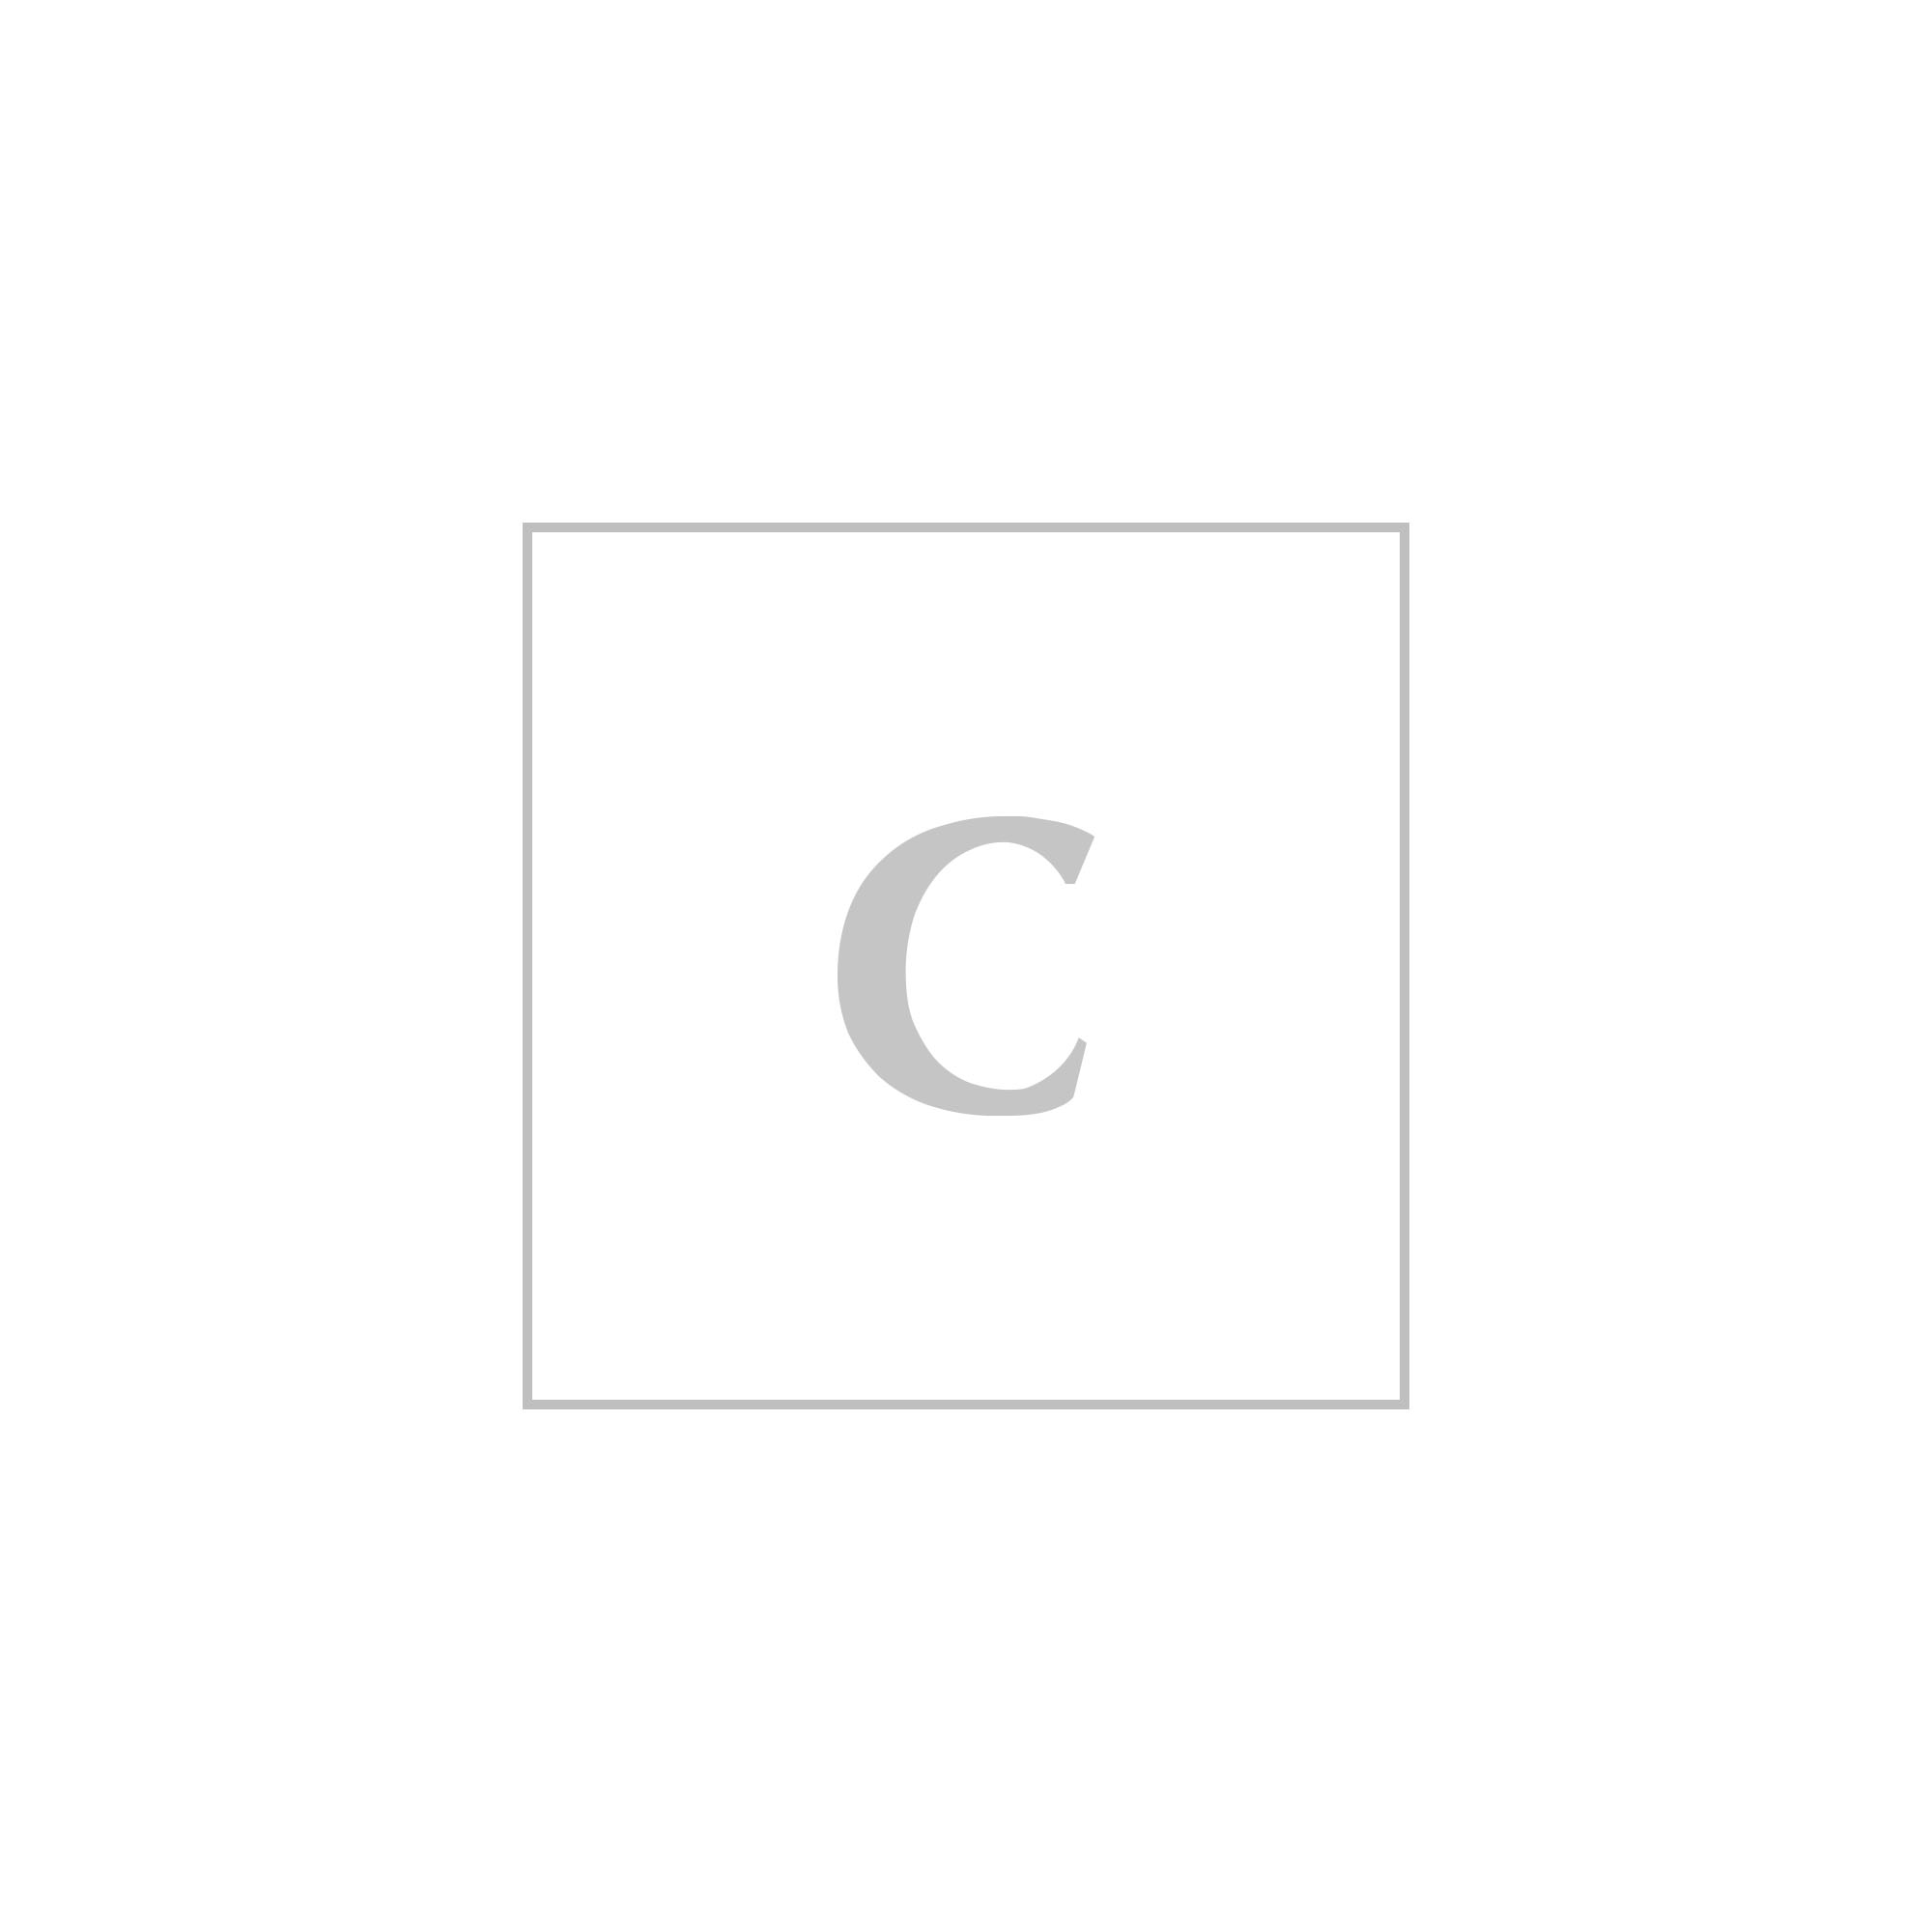 Ohmai borsa large antiope tl012